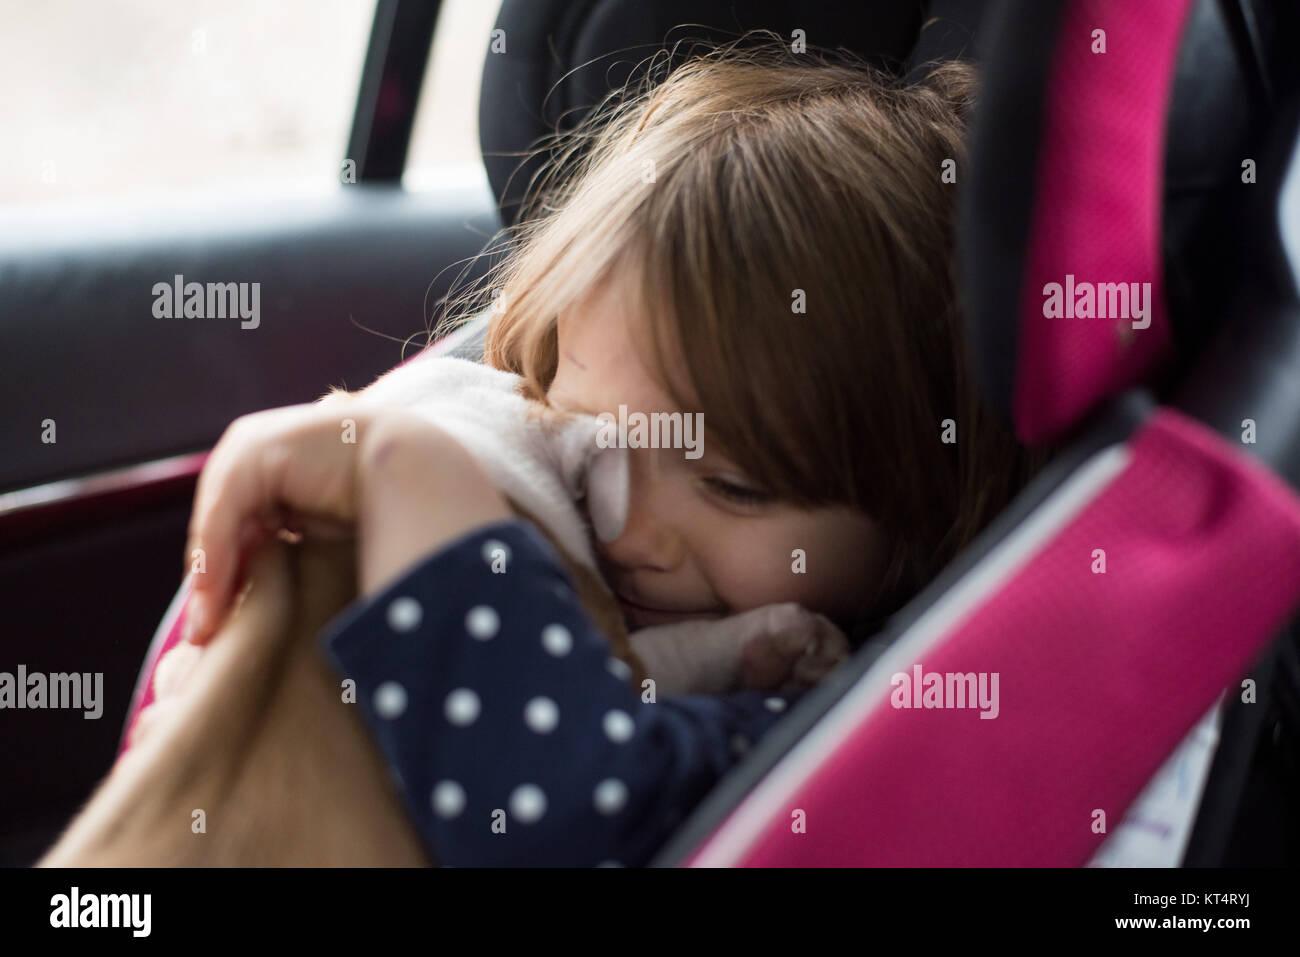 Un bambino ragazza abbracciando una sei settimane vecchio cucciolo mentre sedendo nel sedile di un'auto. Immagini Stock